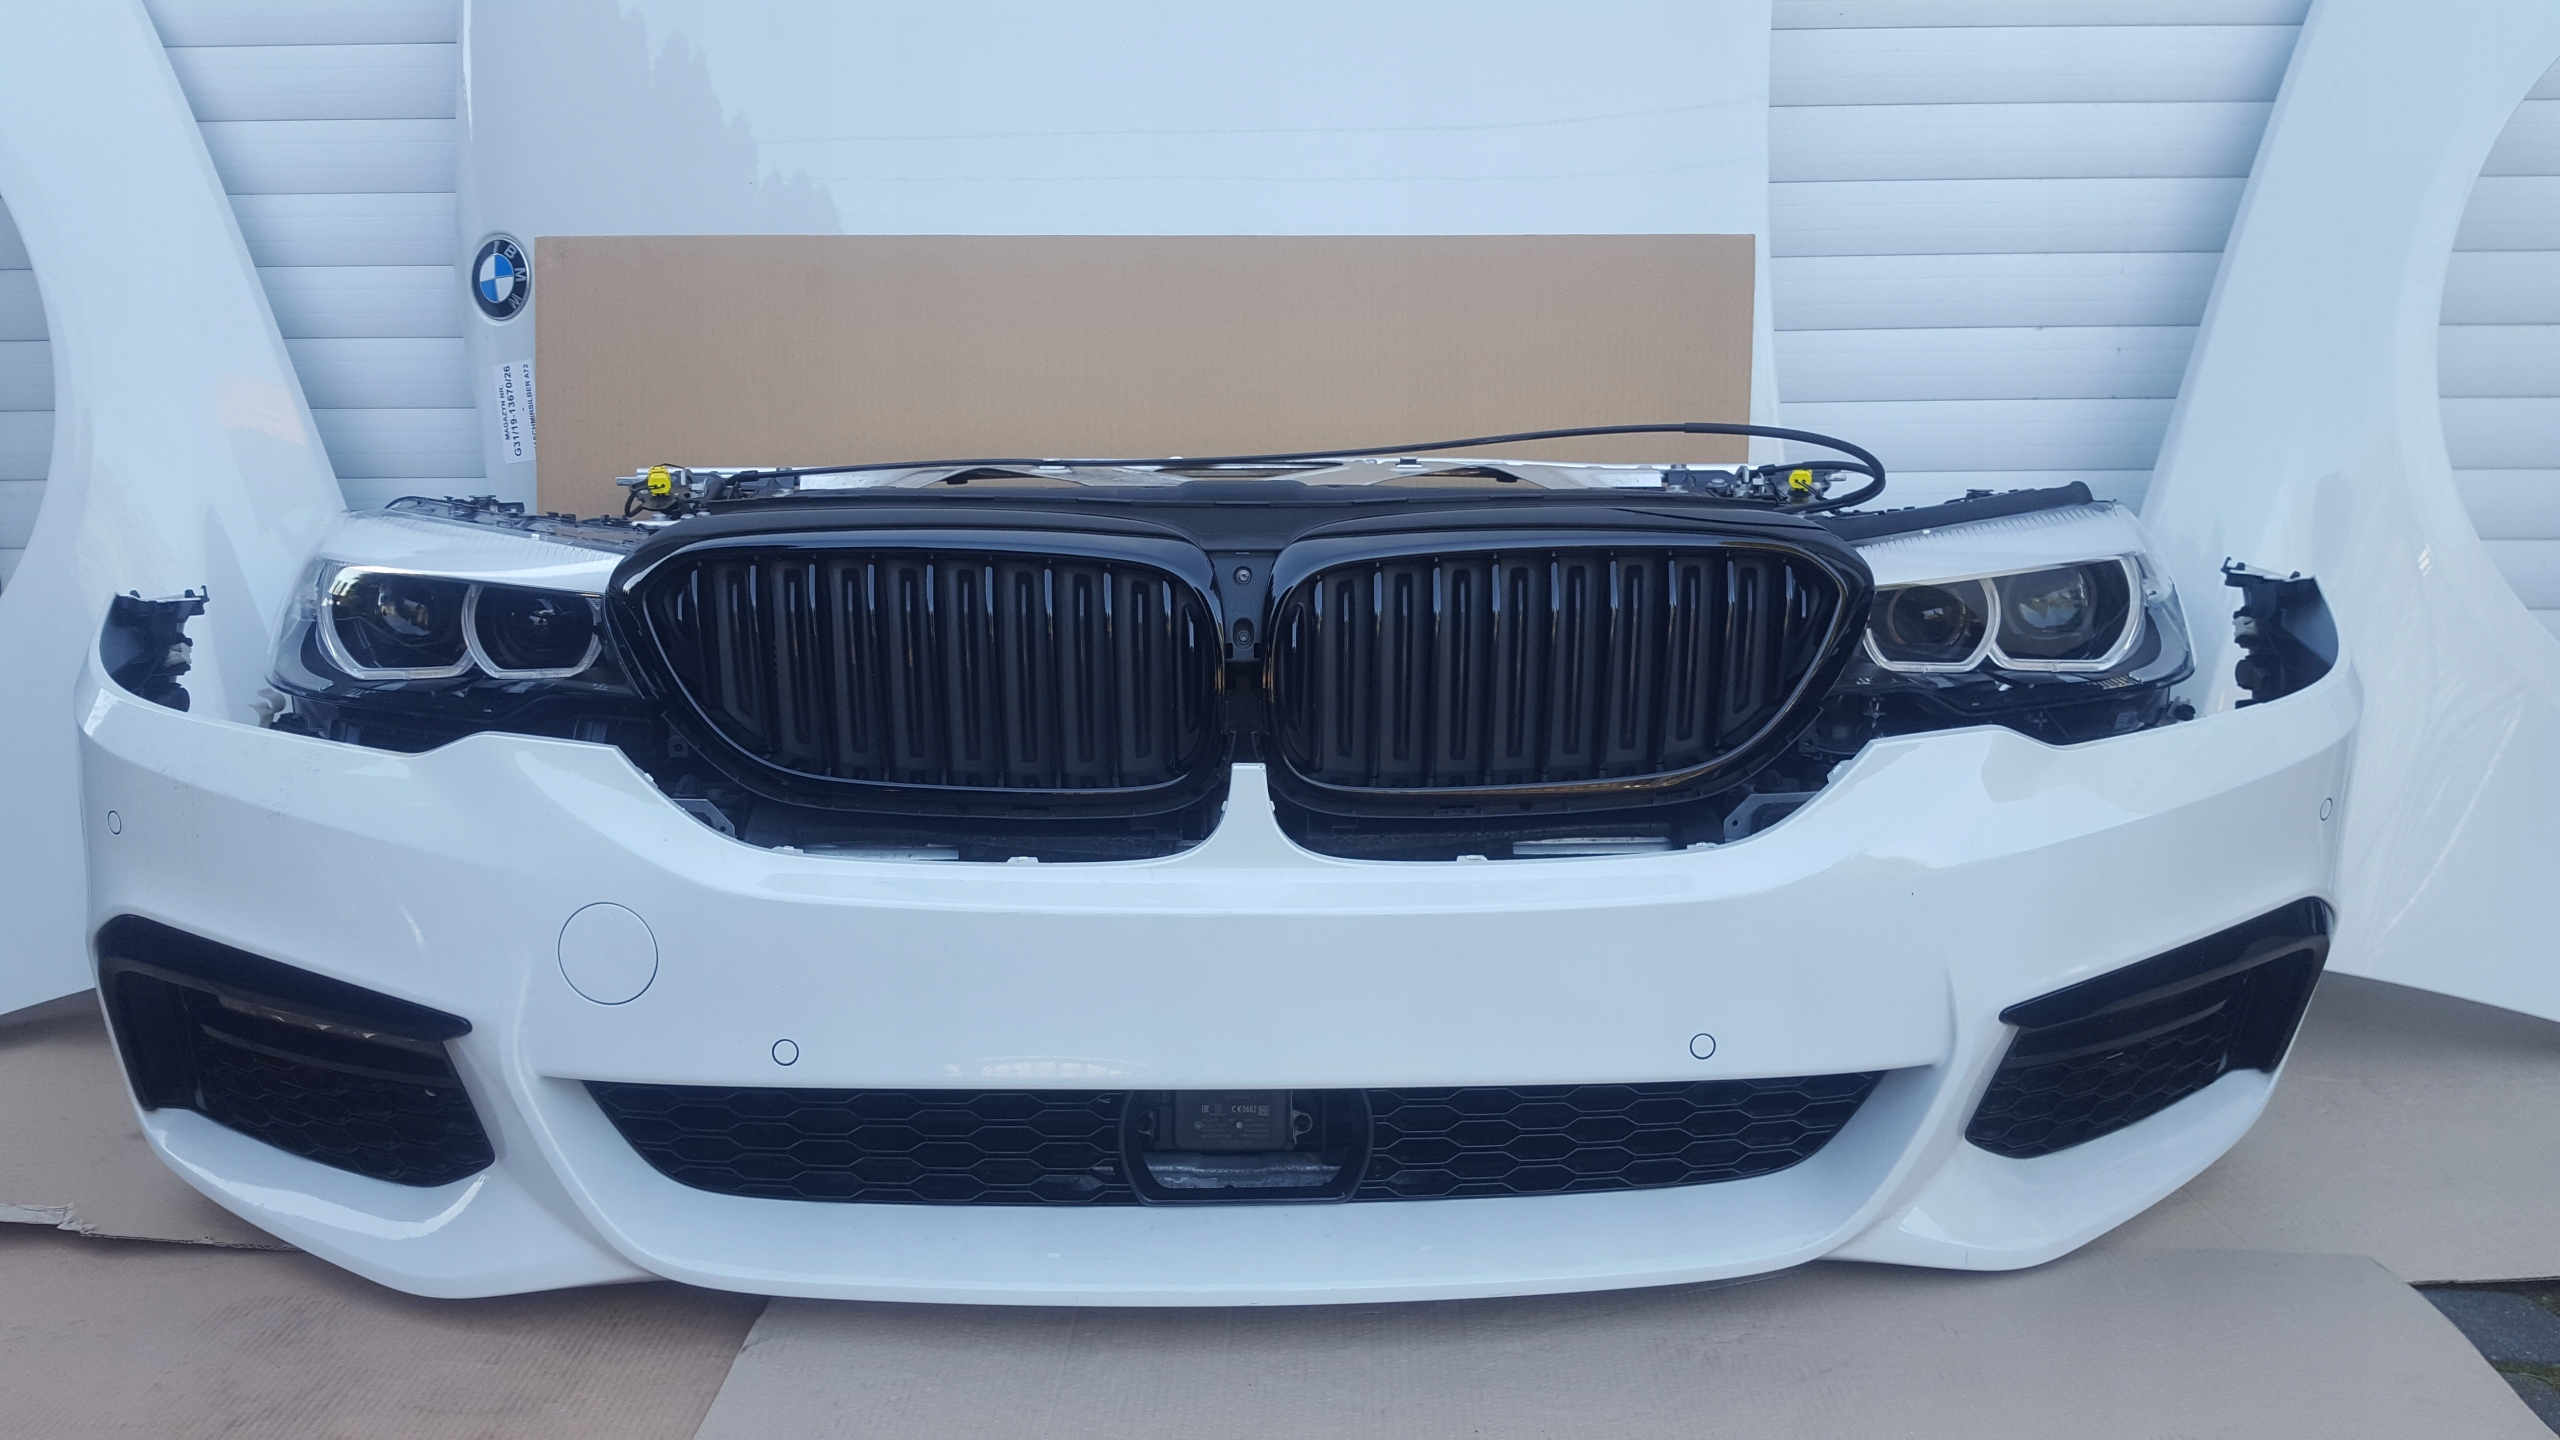 маска крыло led бампер bmw g30 a300 m пакет